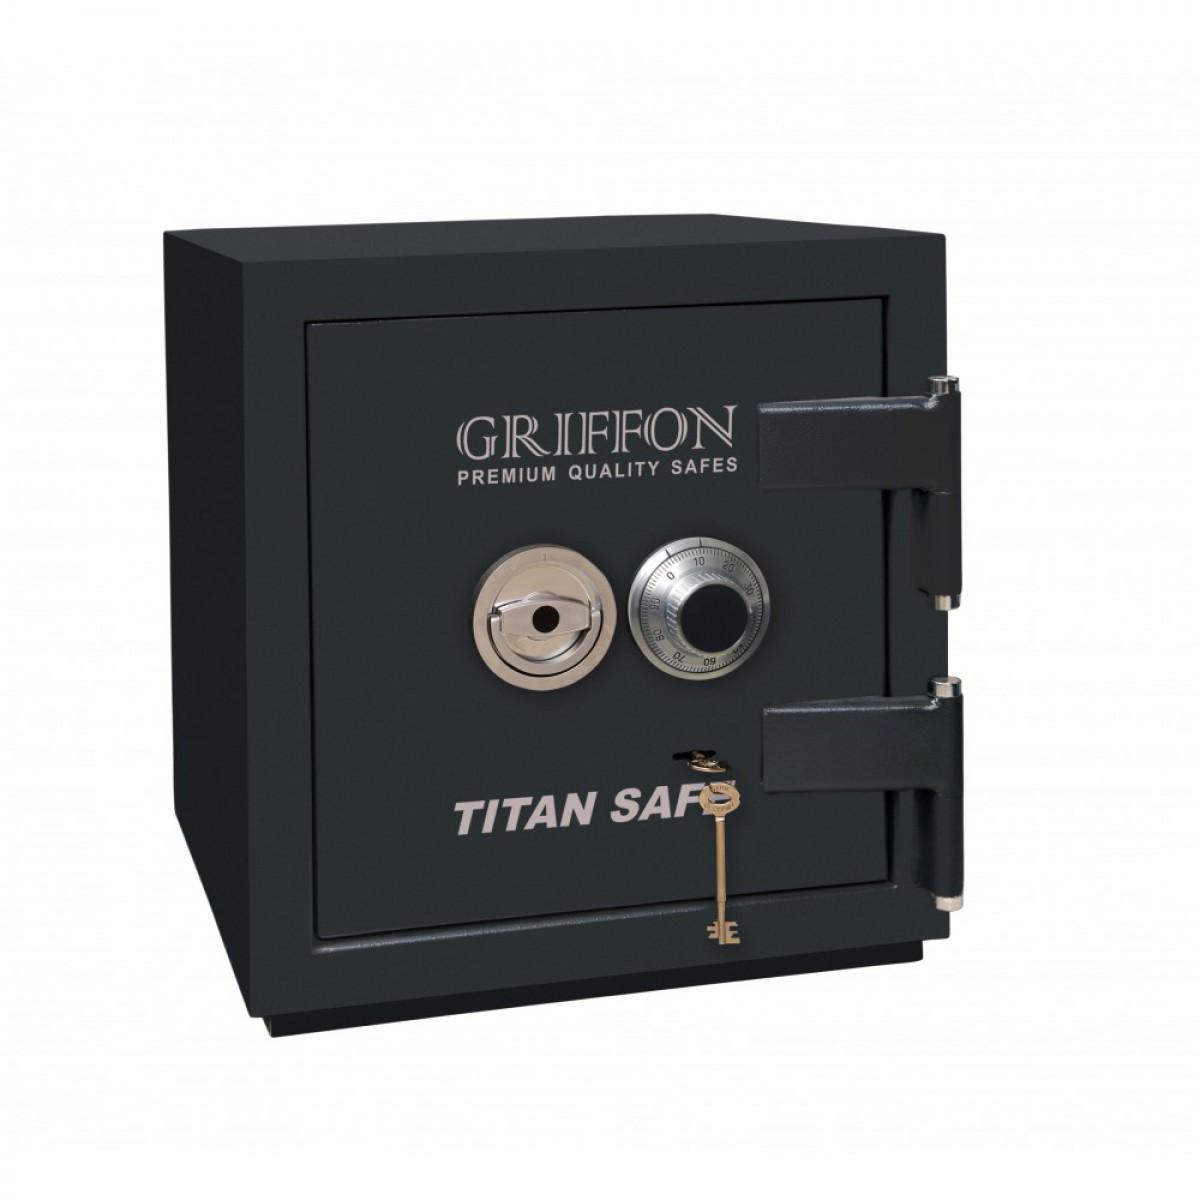 Огневзломостойкий сейф Griffon CL II.50.K.C